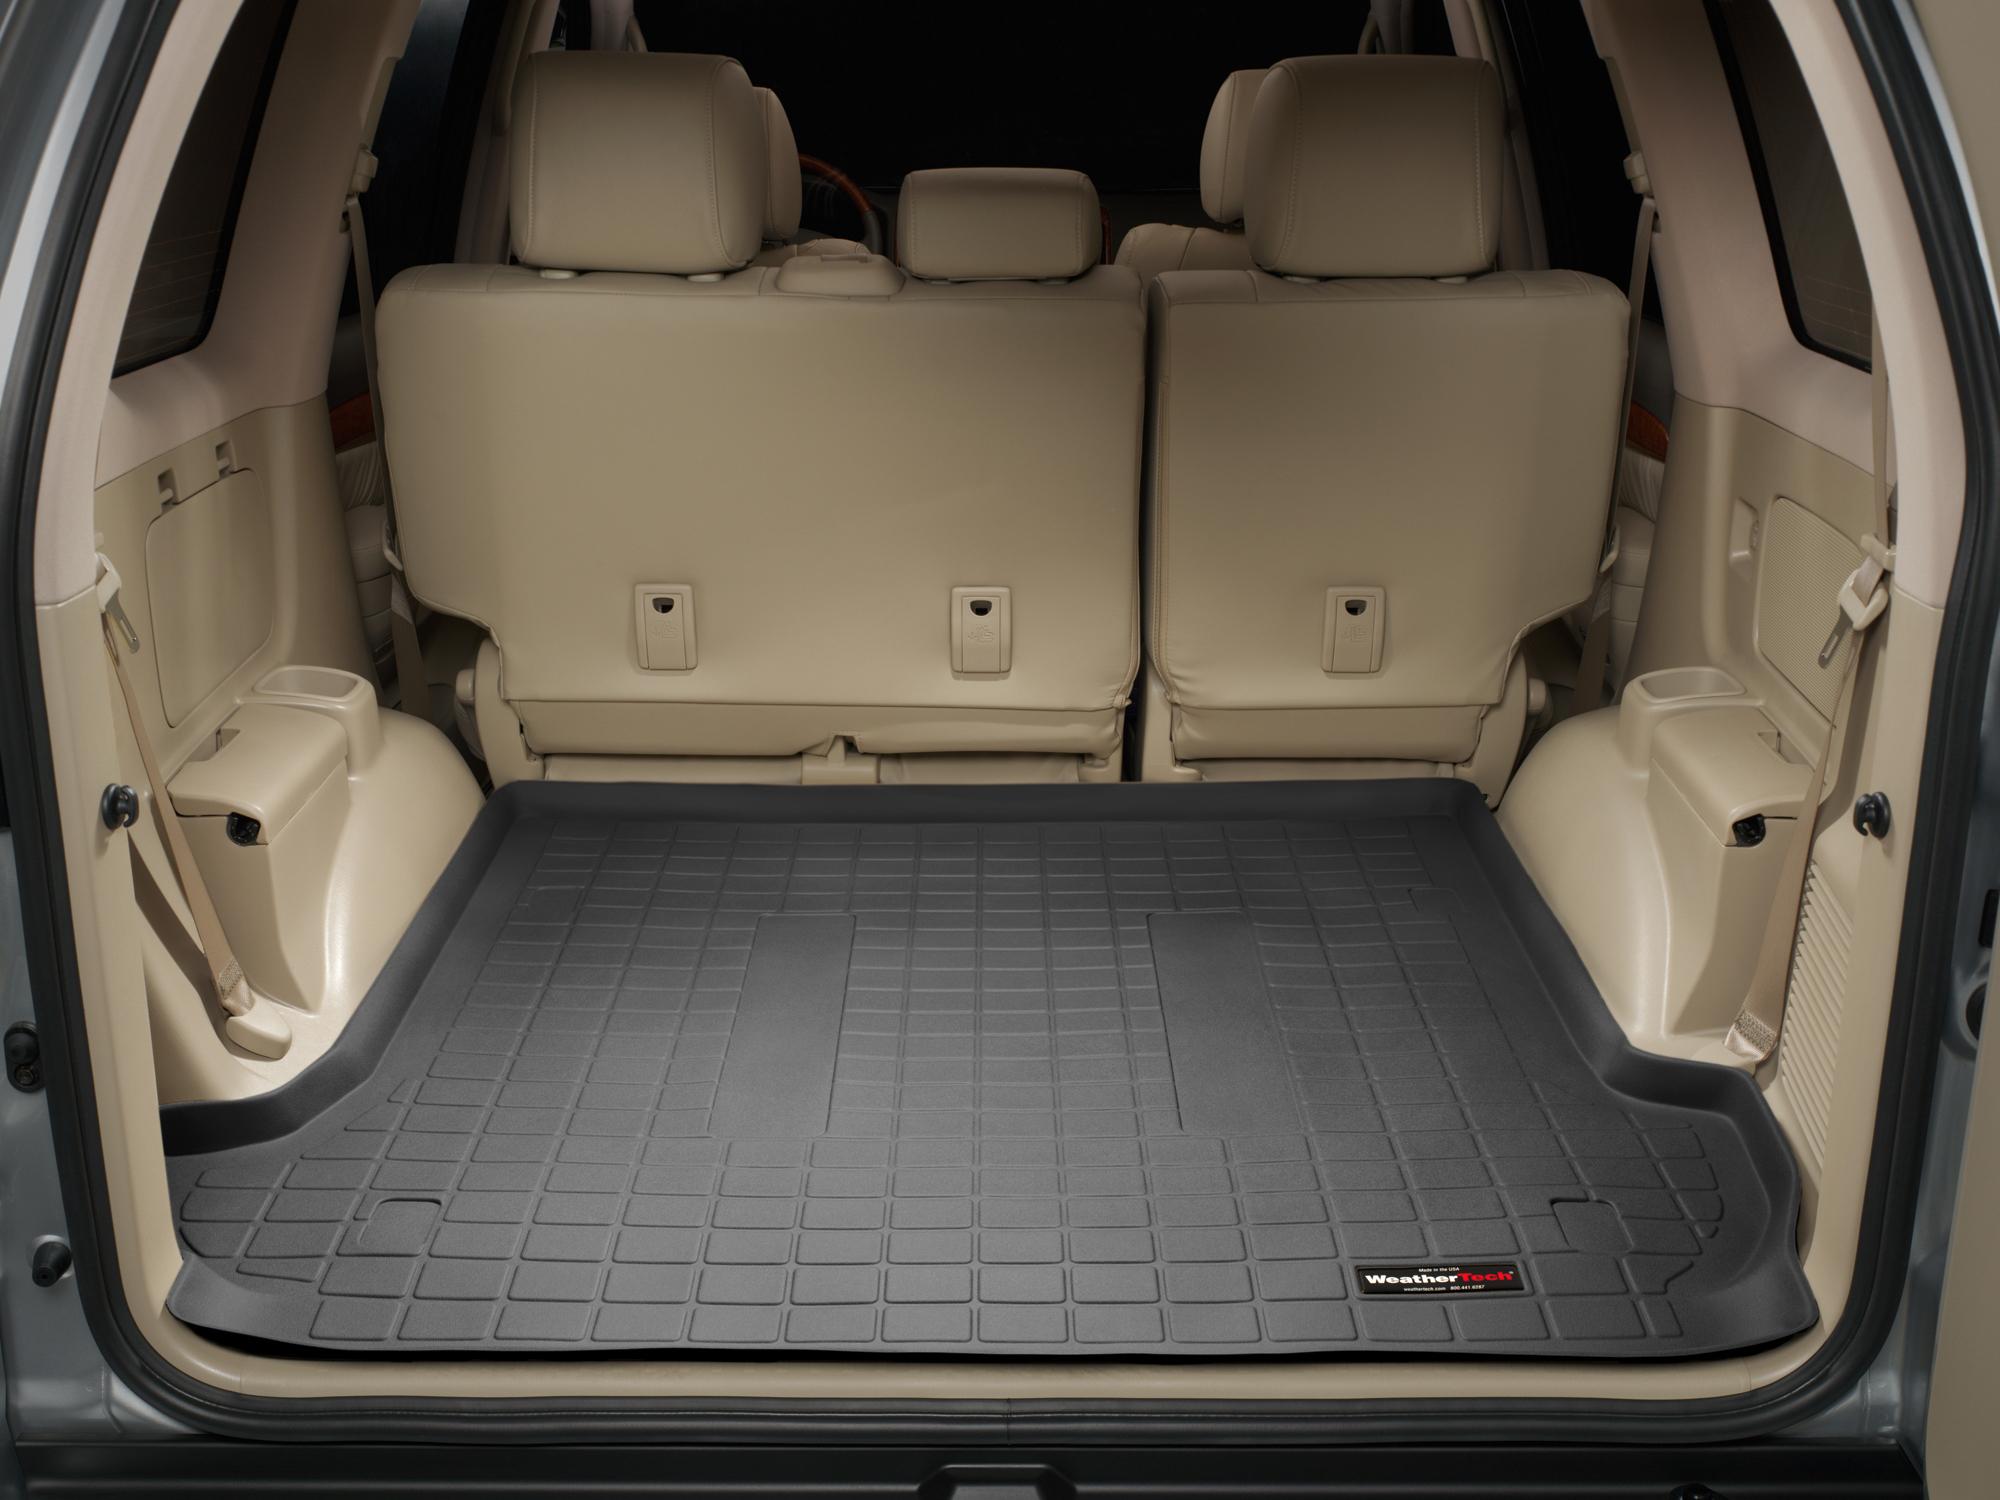 Toyota Land Cruiser 120 125 2002>2009 Vasca baule tappeto marrone *1236